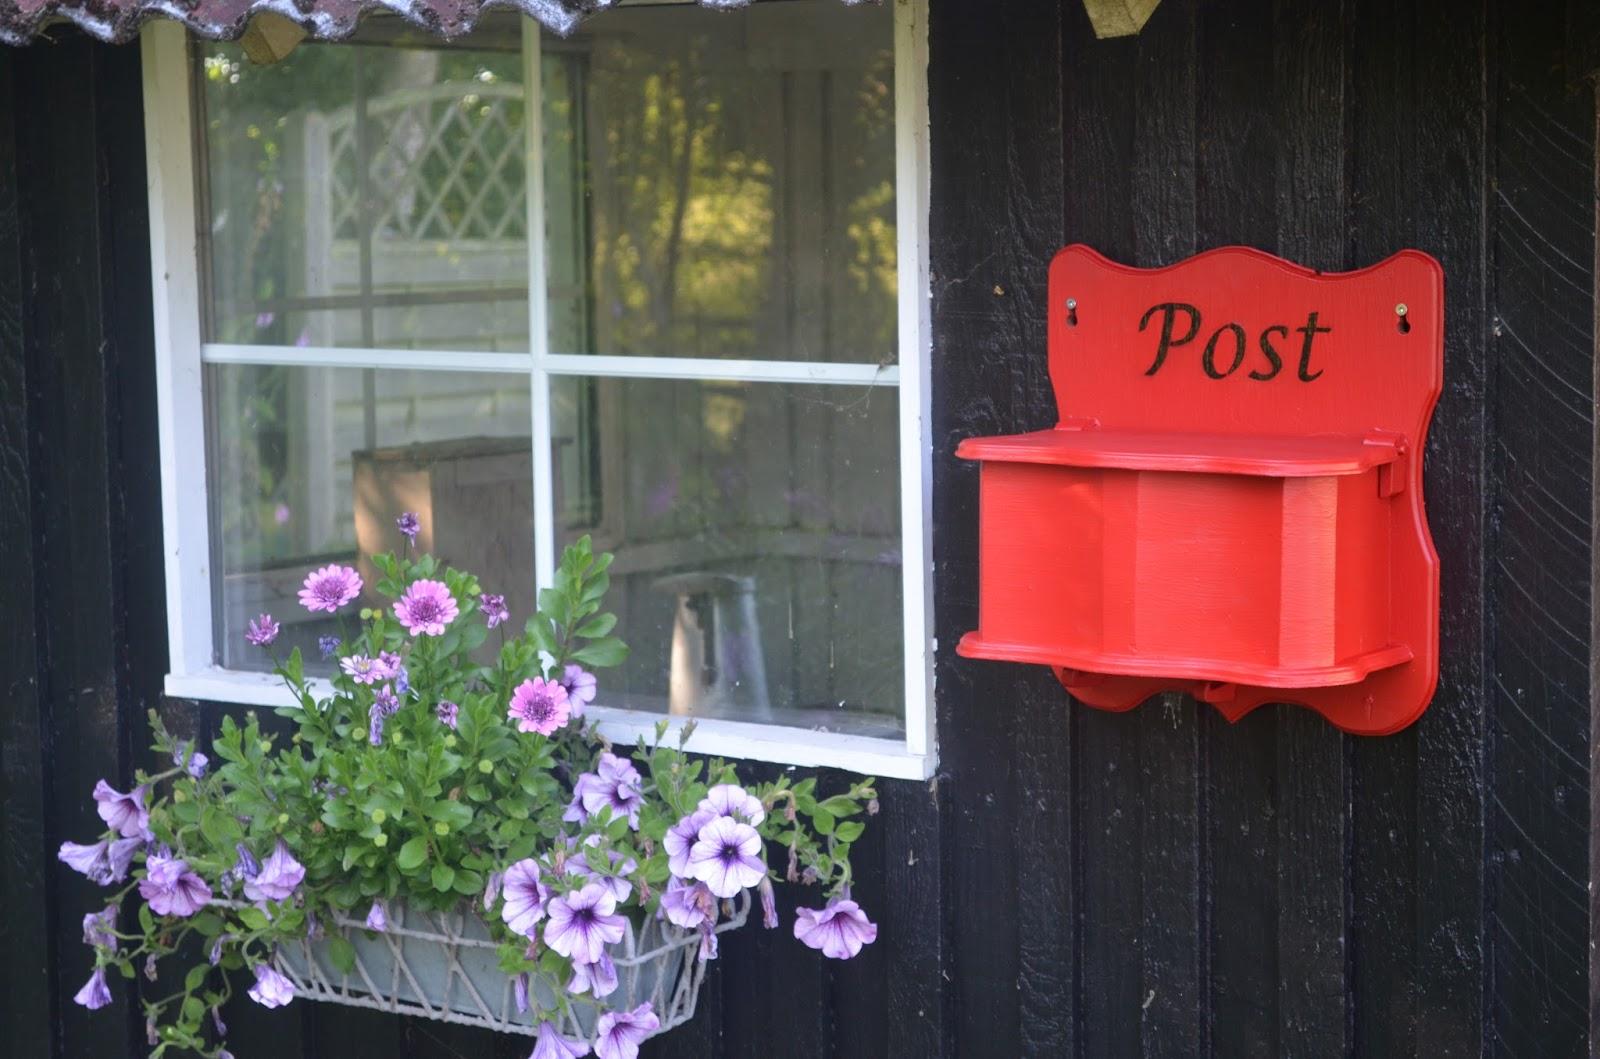 #BB1010 Meget bedømt Bonderosen: Gør Det Selv  Postkasse Gør Det Selv Ting 6189 160010596189